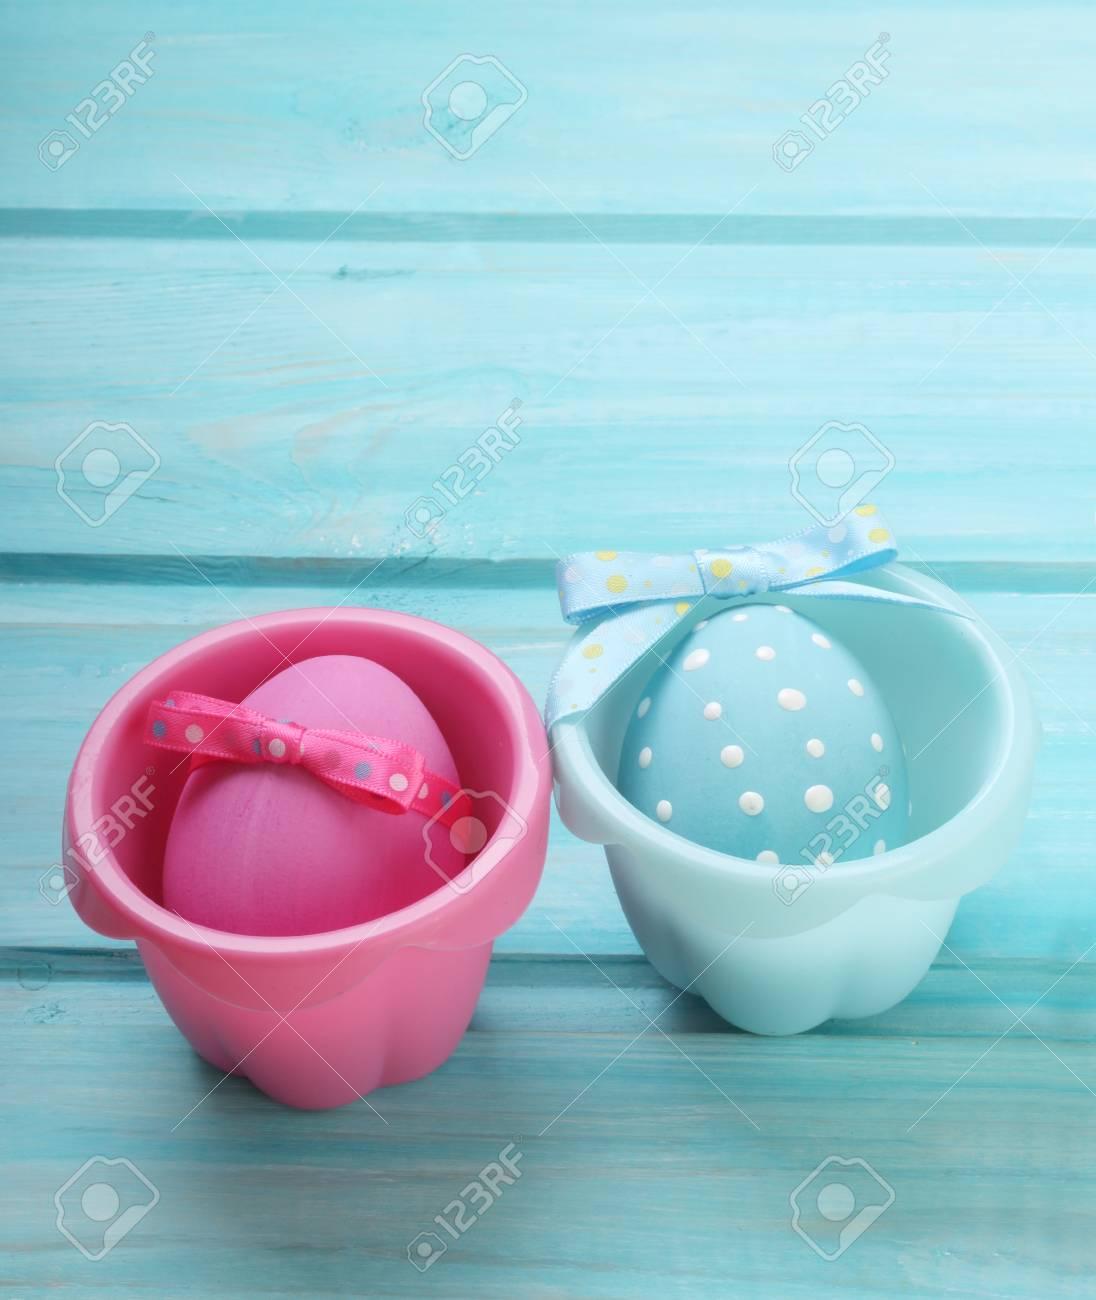 Rosa Und Blaue Eier Ostern Auf Hölzernem Hintergrund Lizenzfreie